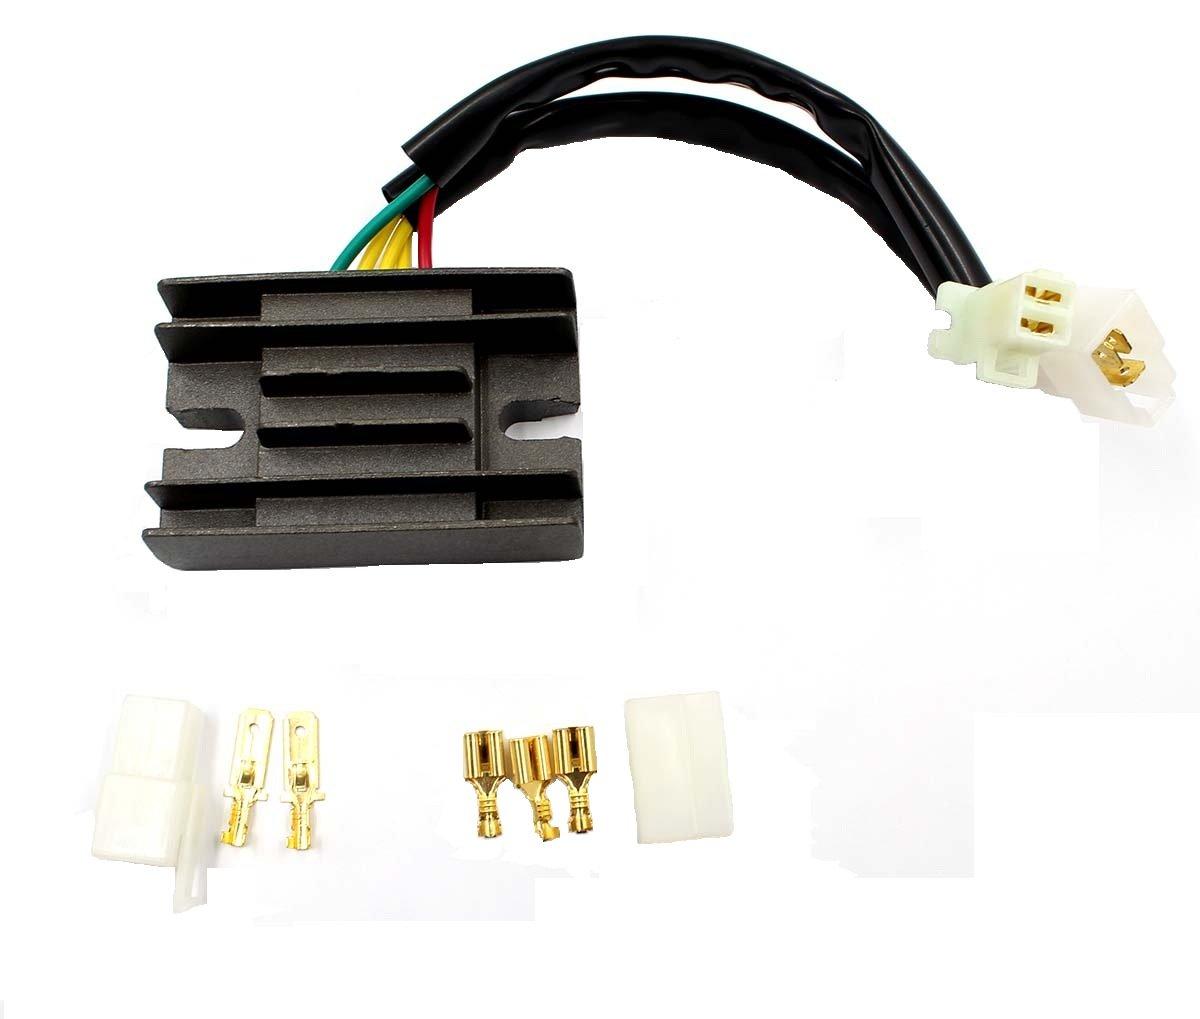 GooDeal Voltage Regulator Rectifier For Arctic Cat 250 / 300 1998 1999 2000 2001 2003